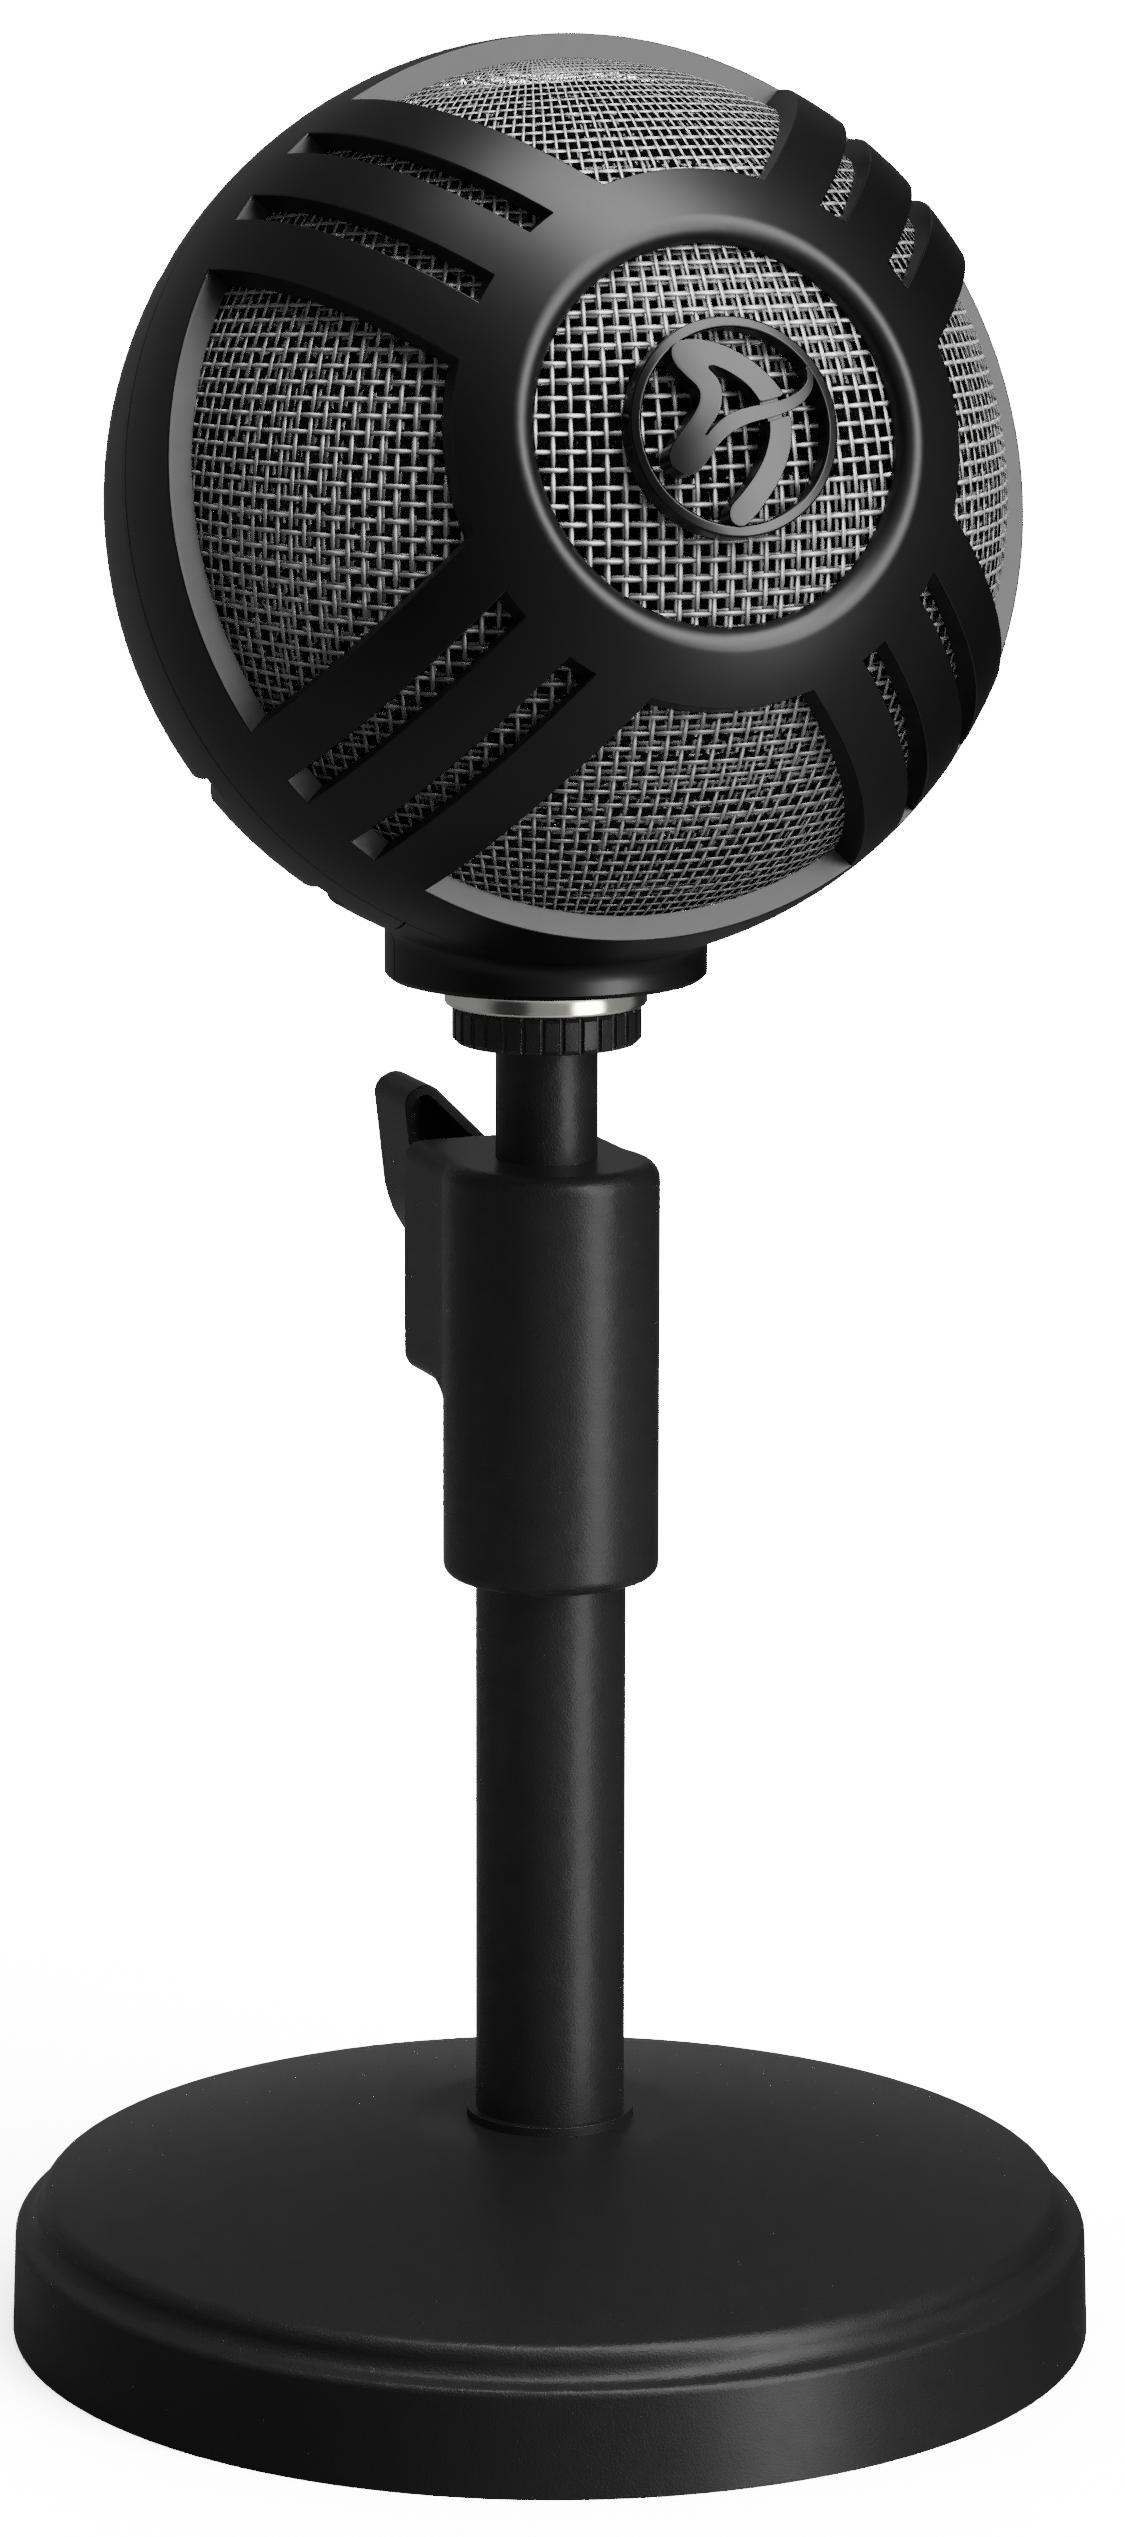 Цифровой микрофон Arozzi Sfera Pro (Black)